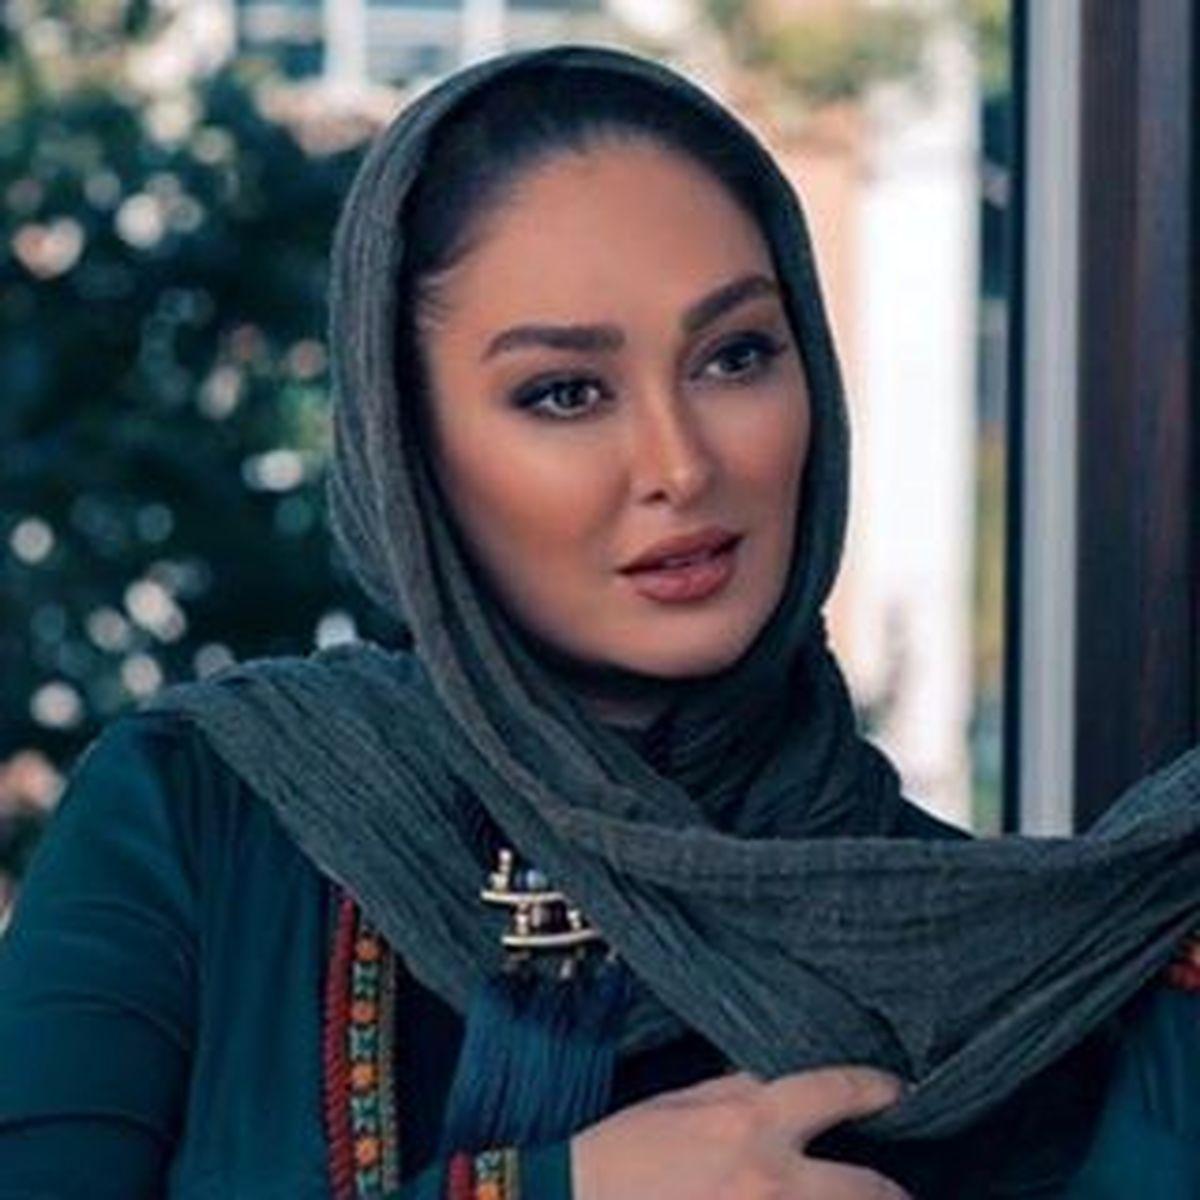 الهام حمیدی از تیپ رسمی خود رونمایی کرد + عکس